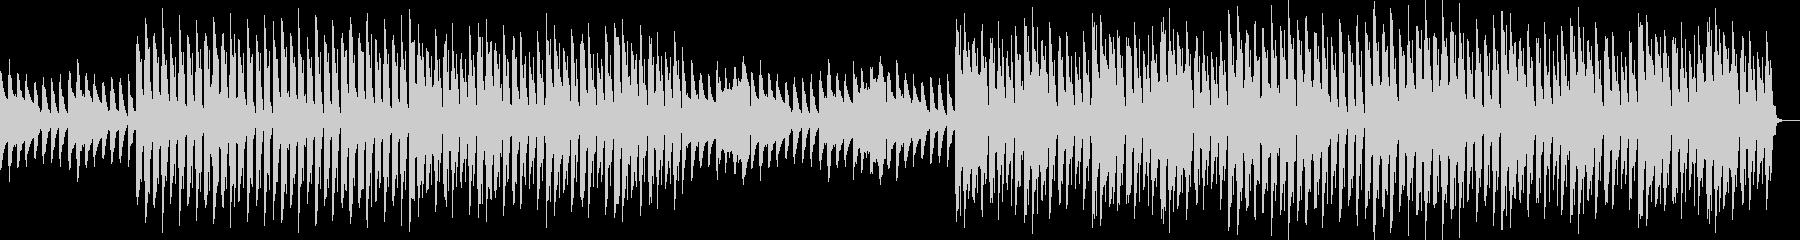 おしゃれ・クール・EDM・ハウス18の未再生の波形